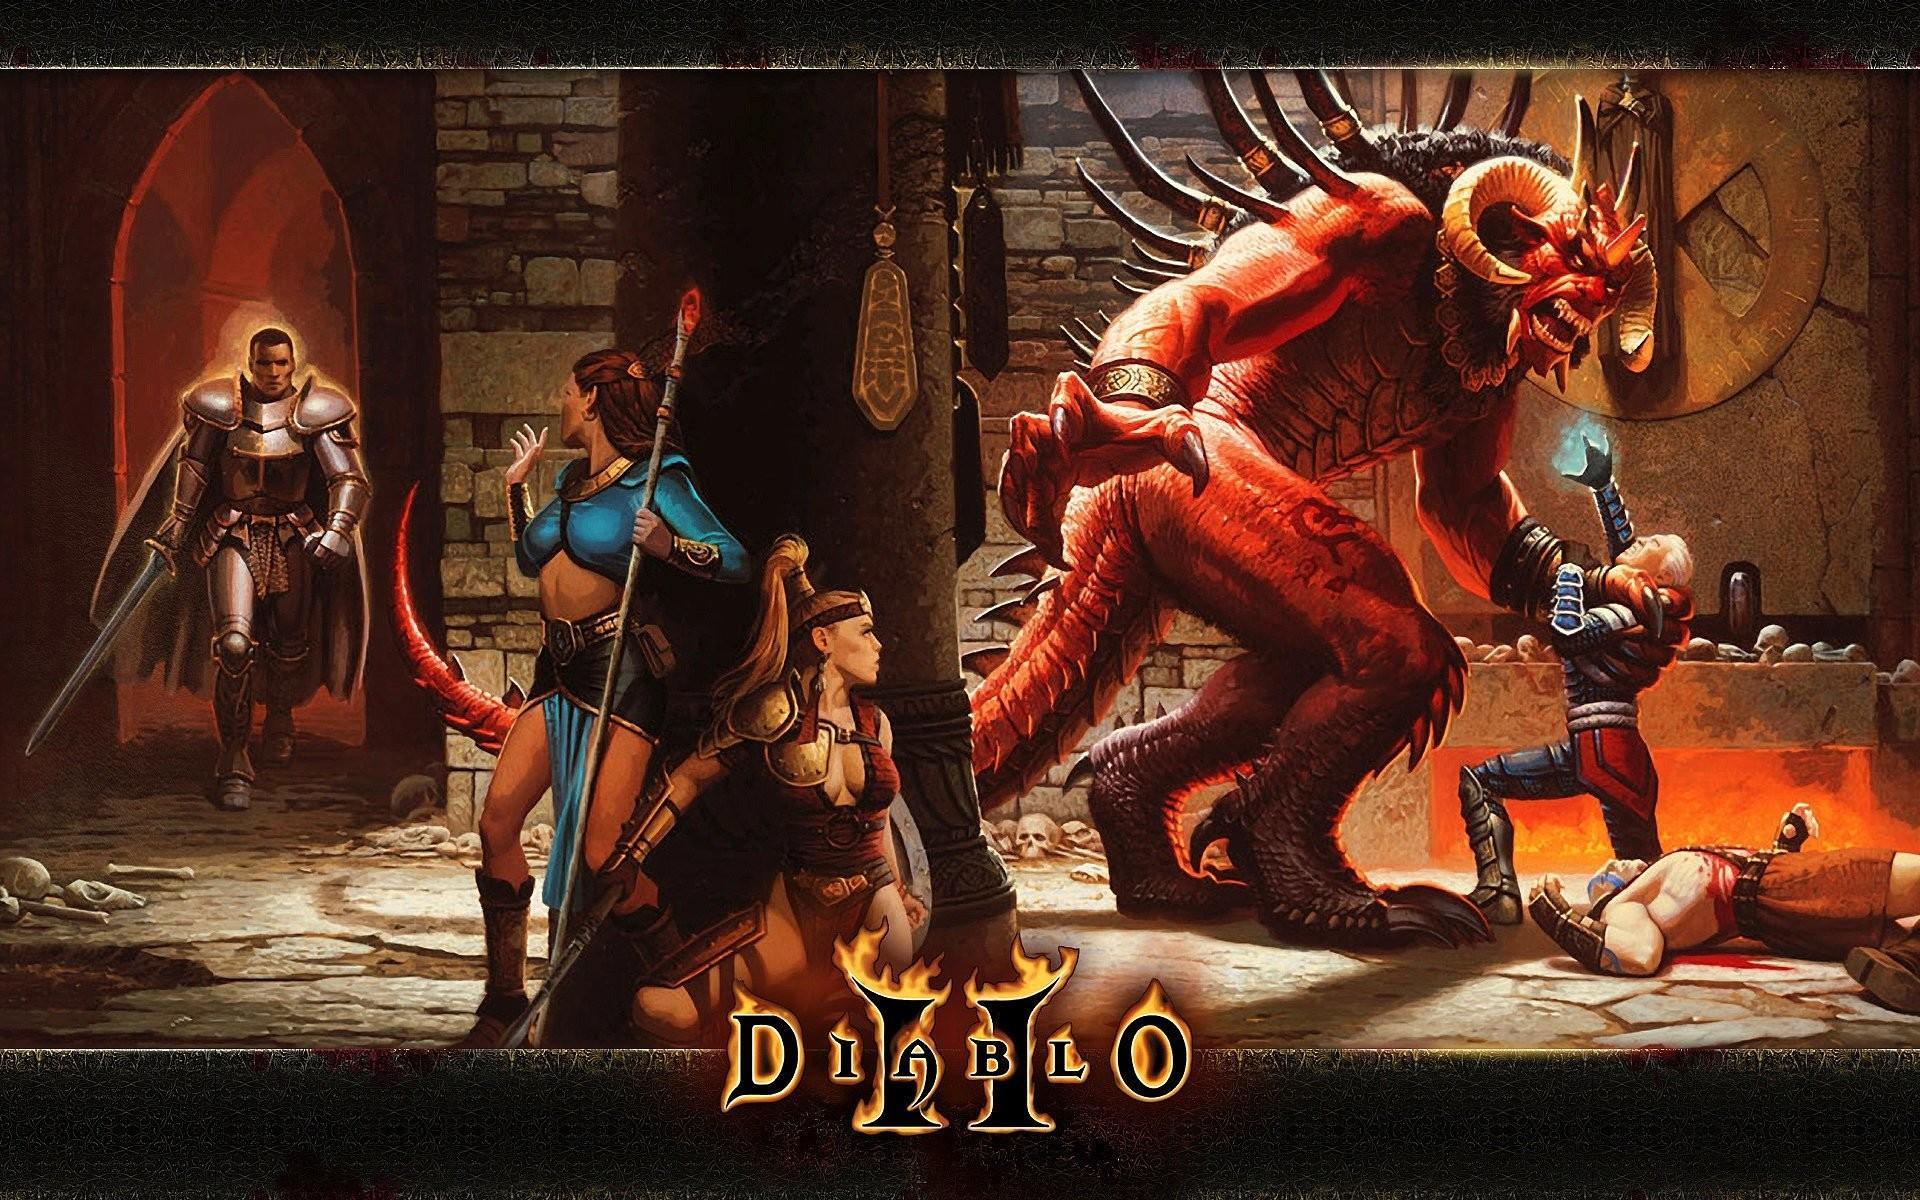 لعبة ديابلو 2 افضل العاب للاجهزة الضعيفة